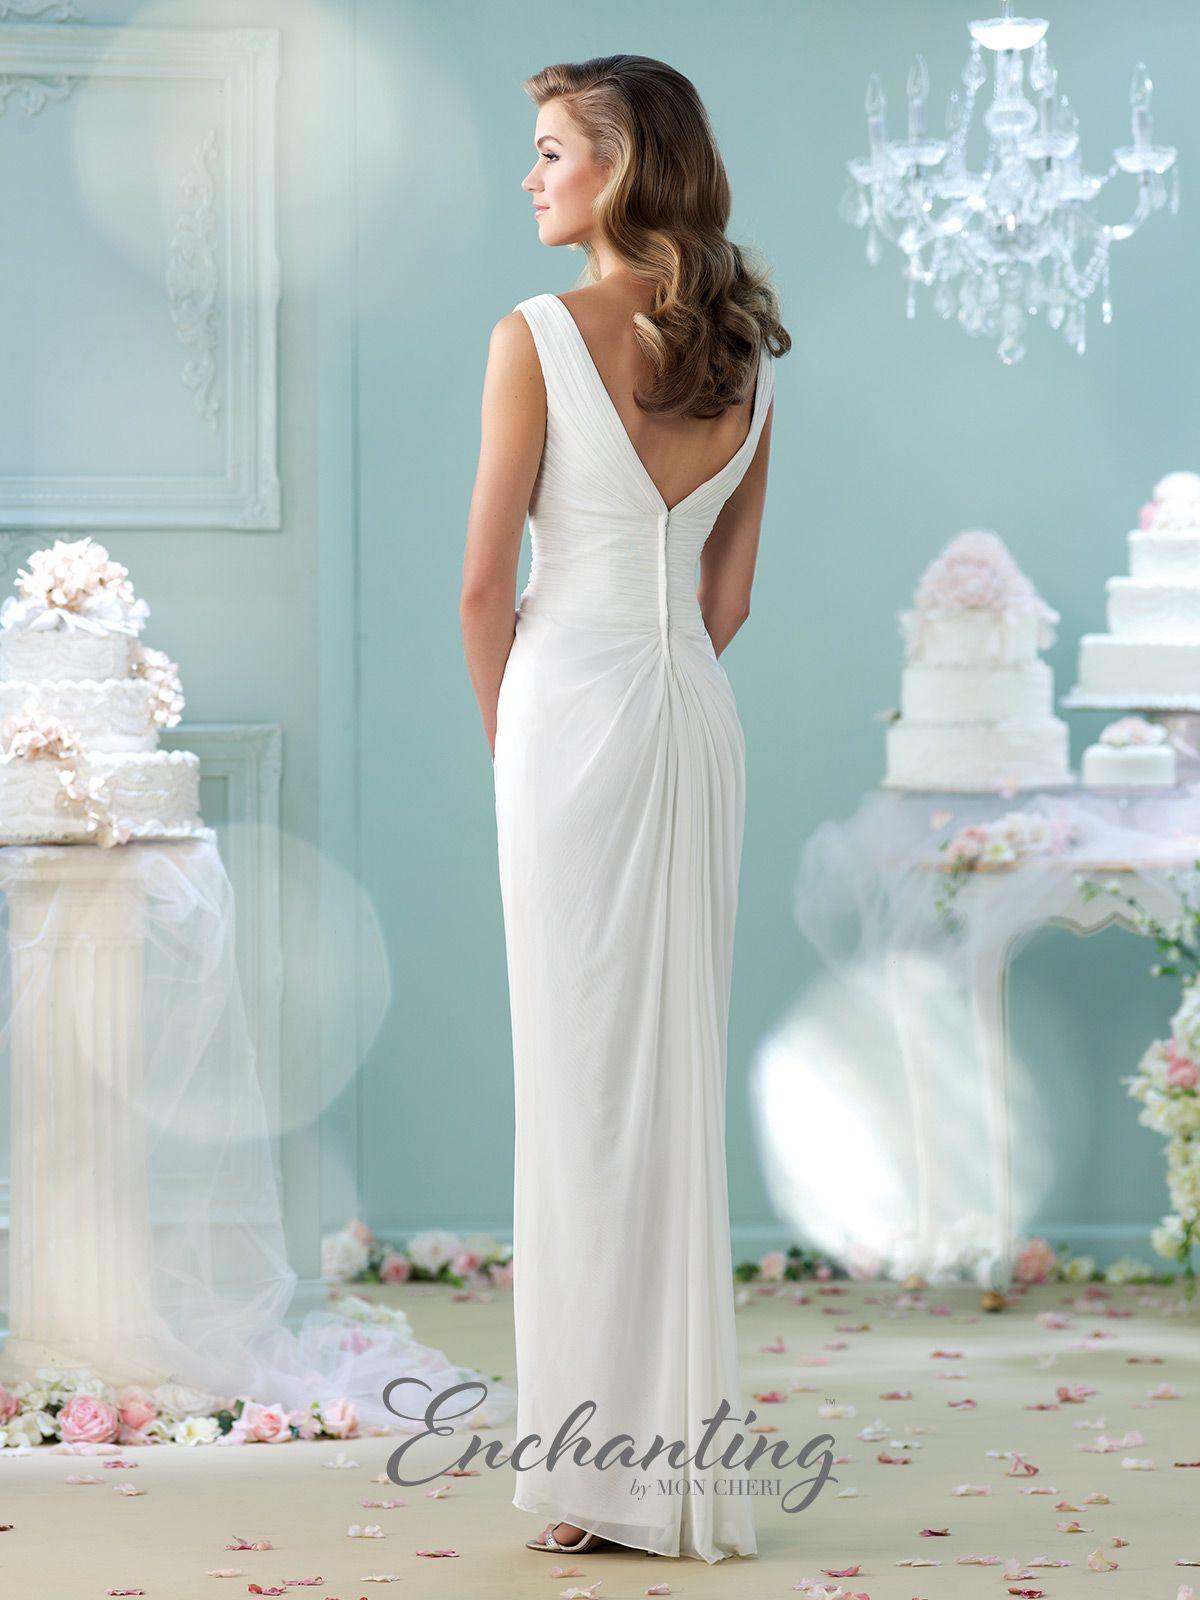 Modern Wedding Dresses 2018 by Mon Cheri | Bateau neckline, Wedding ...